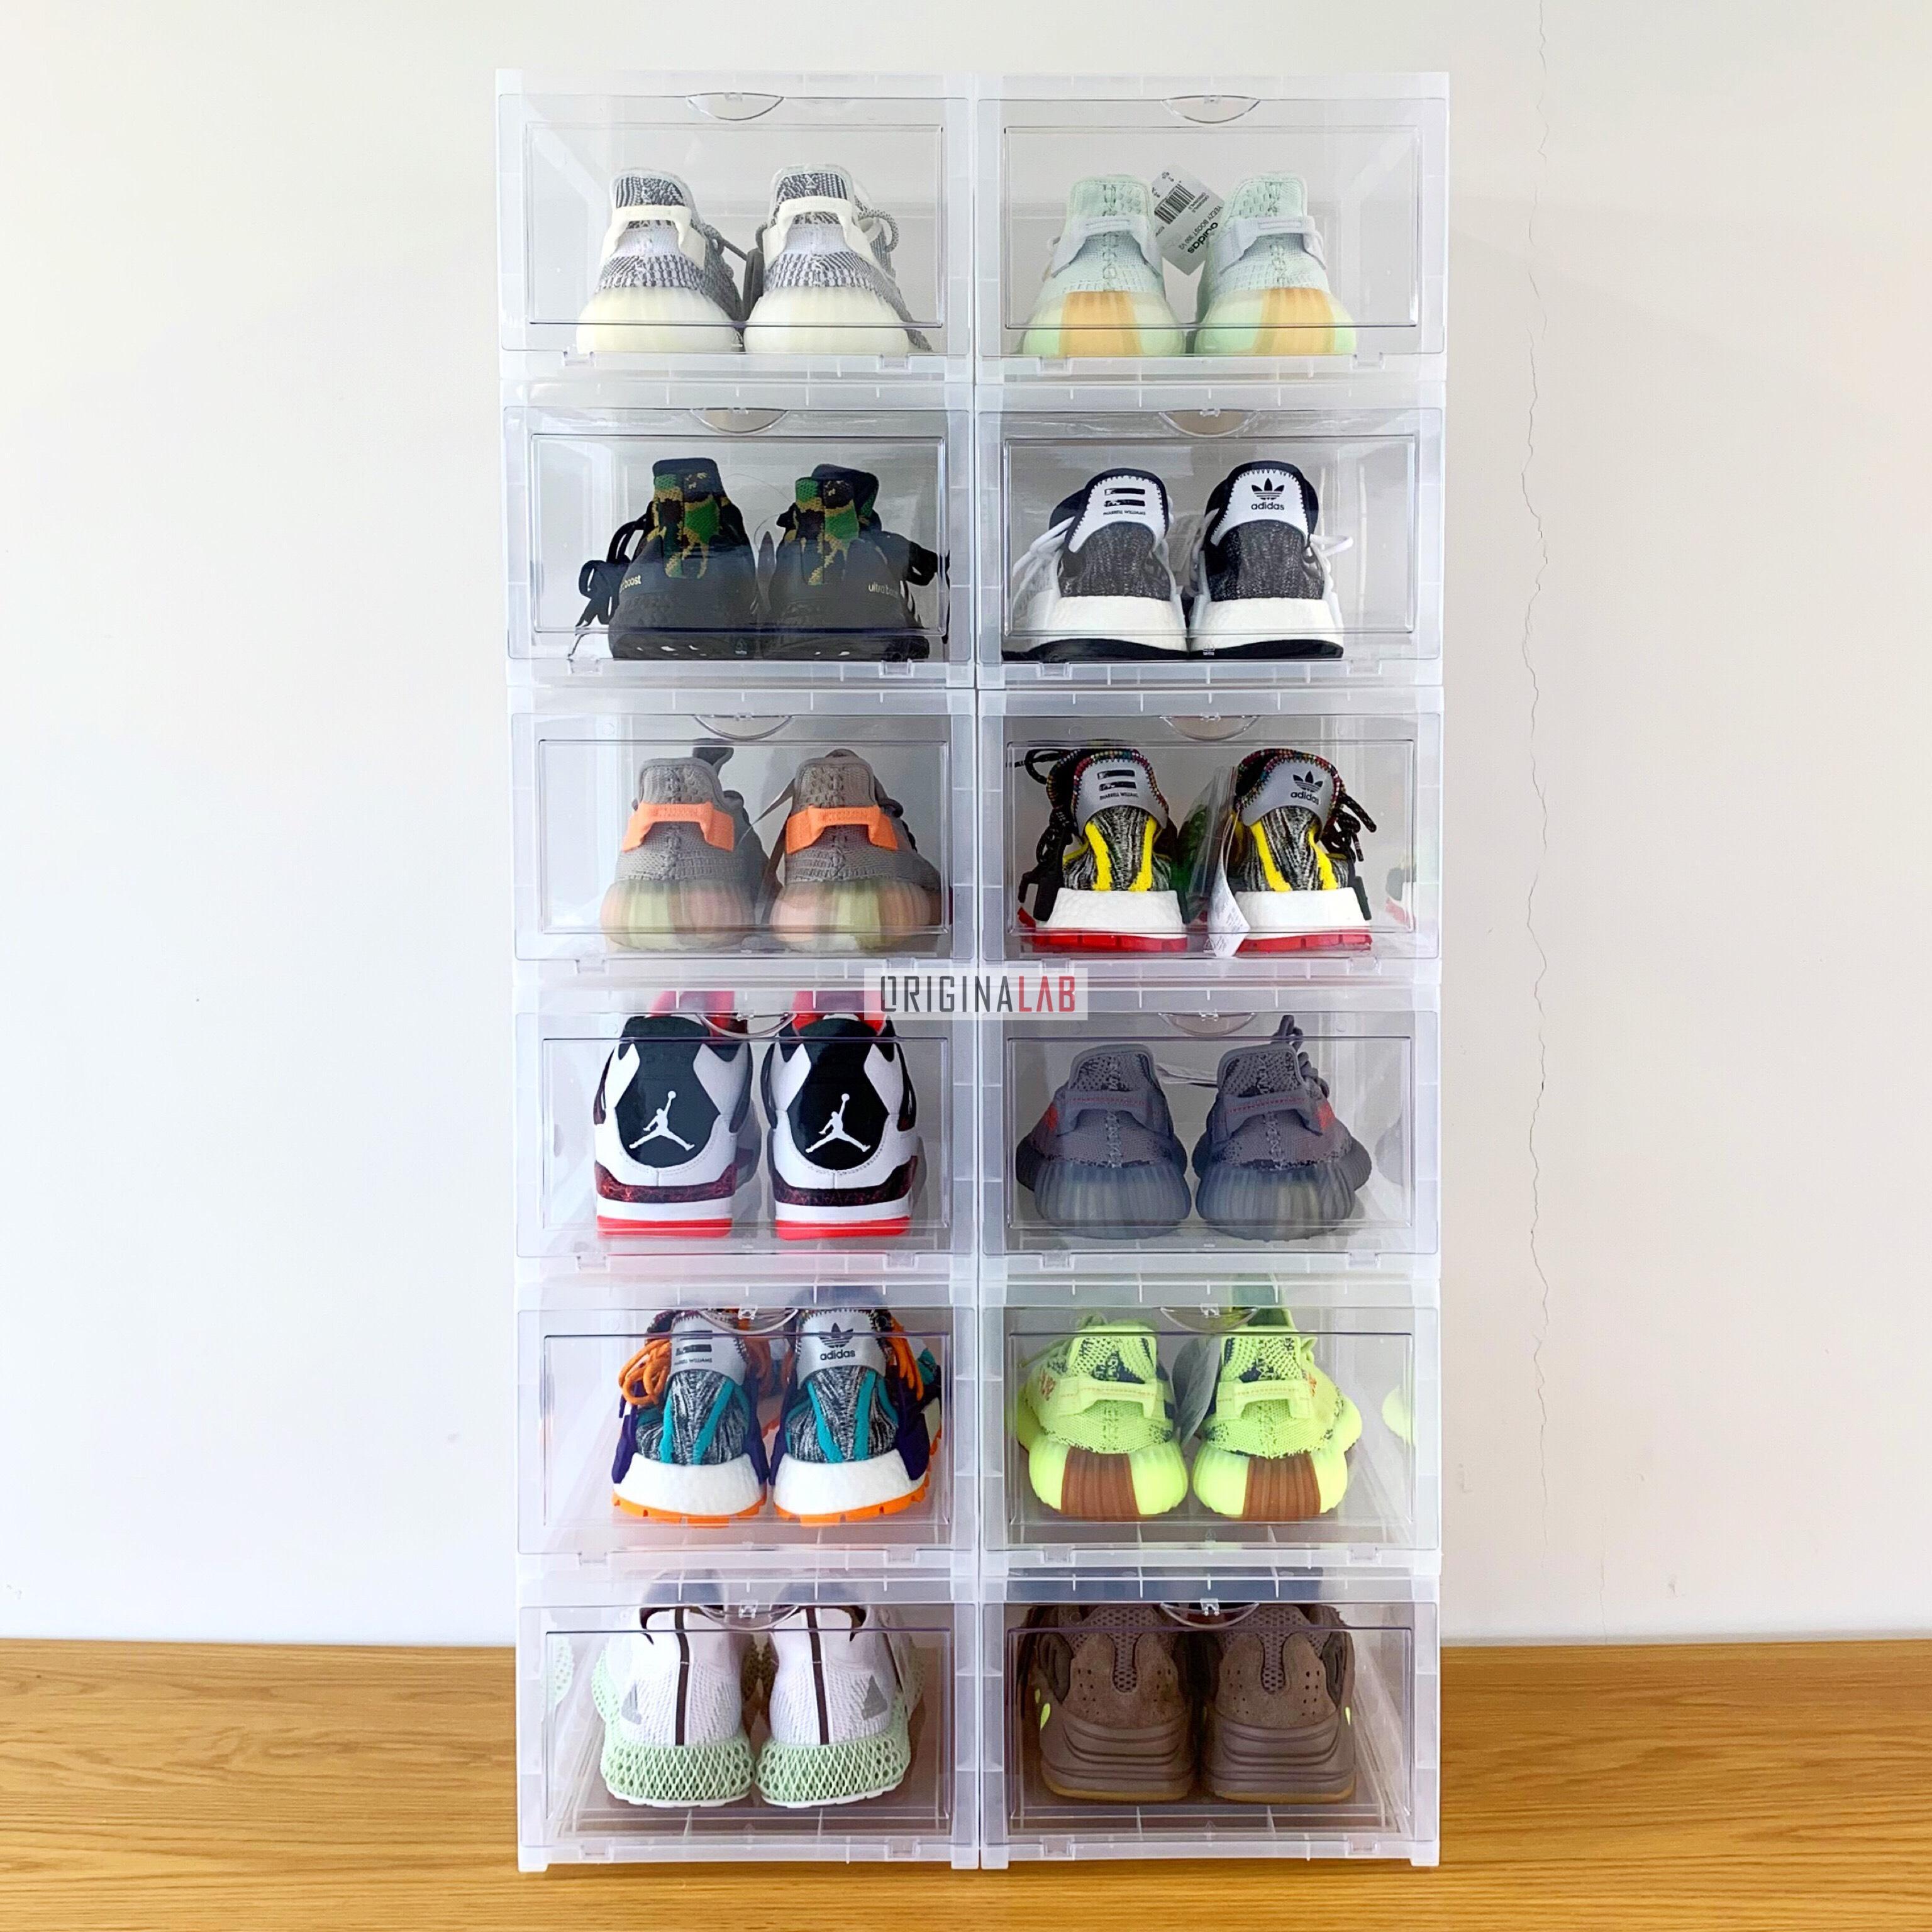 12 BOXES - ORIGINALAB Premium Stackable Shoe Box Clear HOT SALE